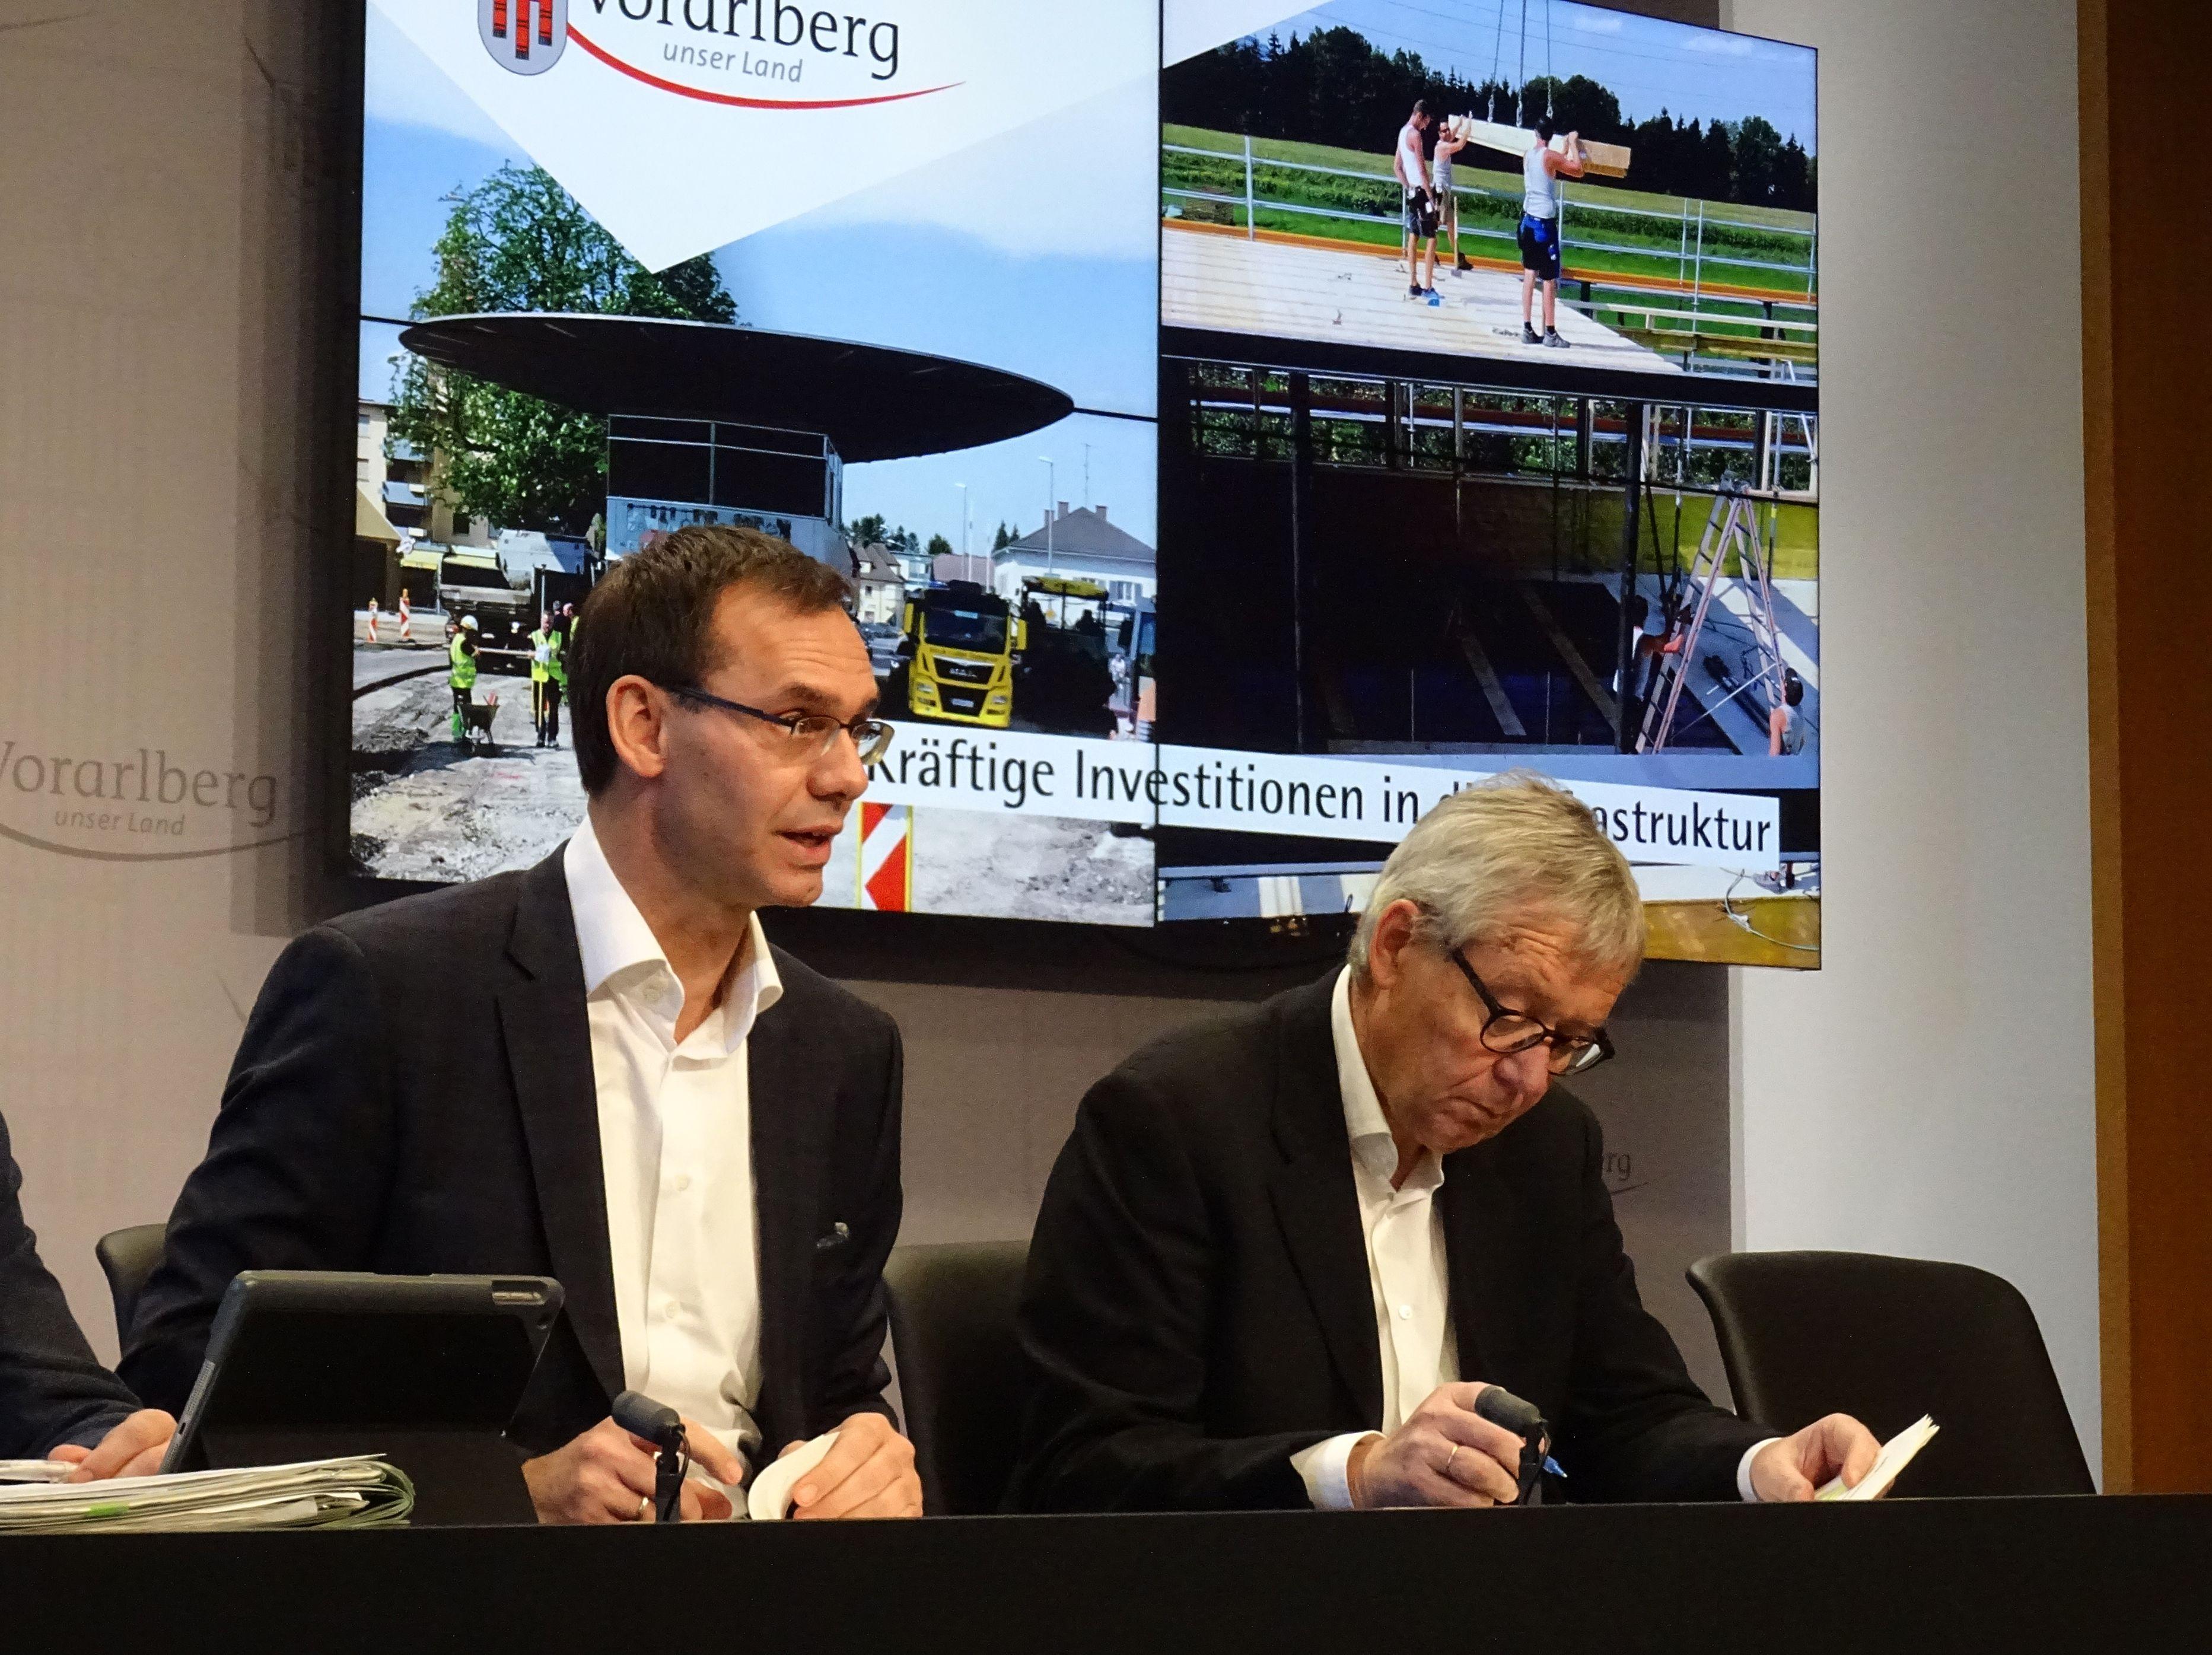 Vorarlberg investiert 108 Millionen Euro in Infrastruktur